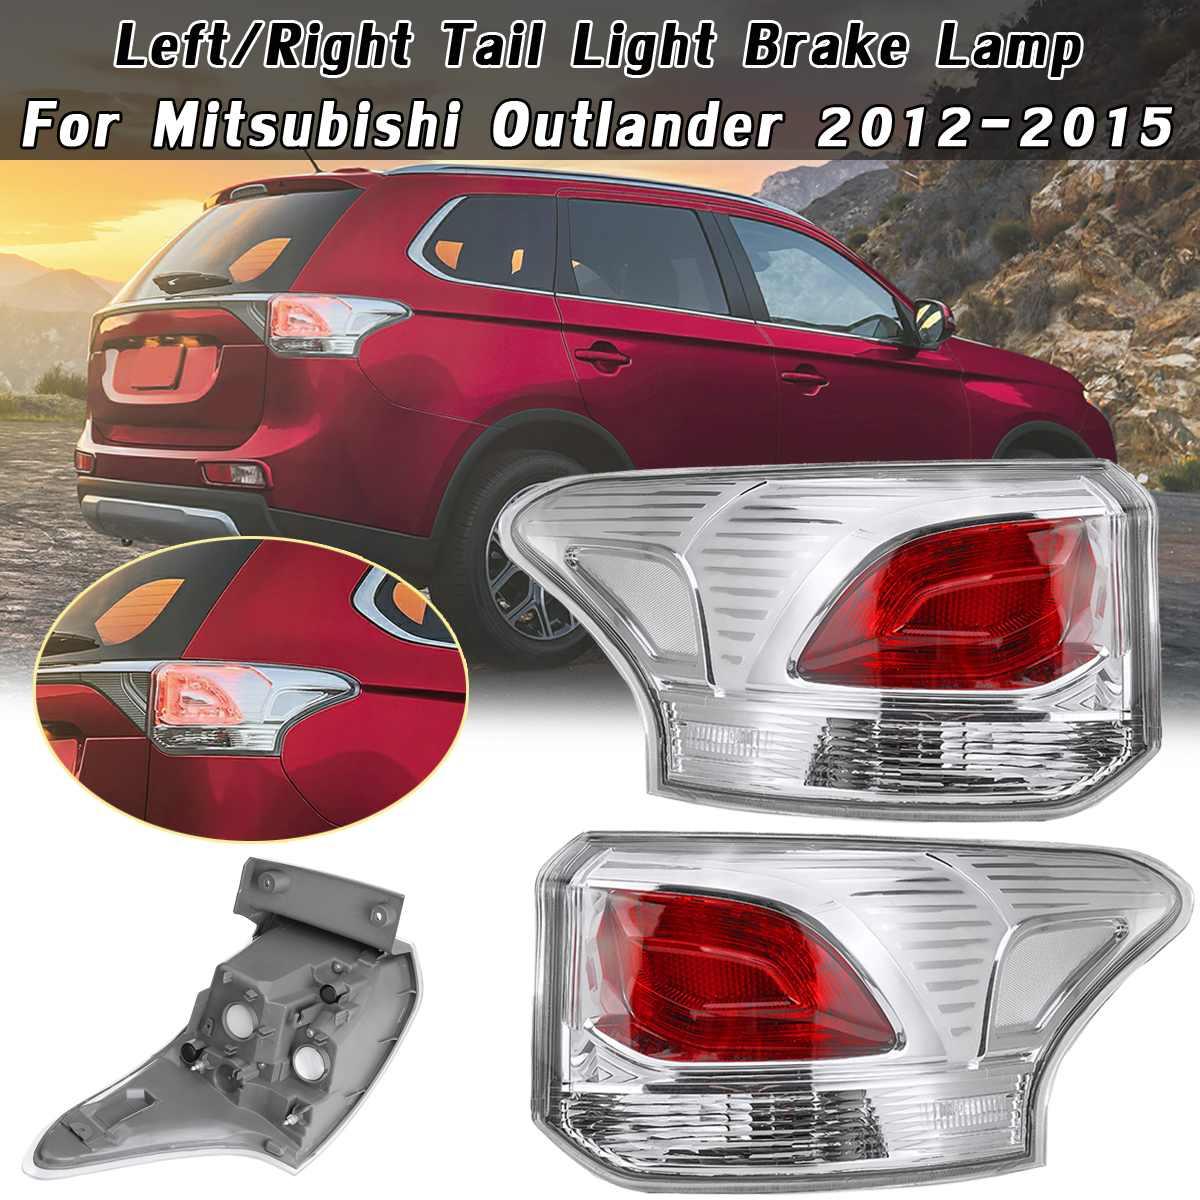 Gauche Arrière Queue Signal Lumières Lampe pour Mitsubishi Outlander 3 2013-2015